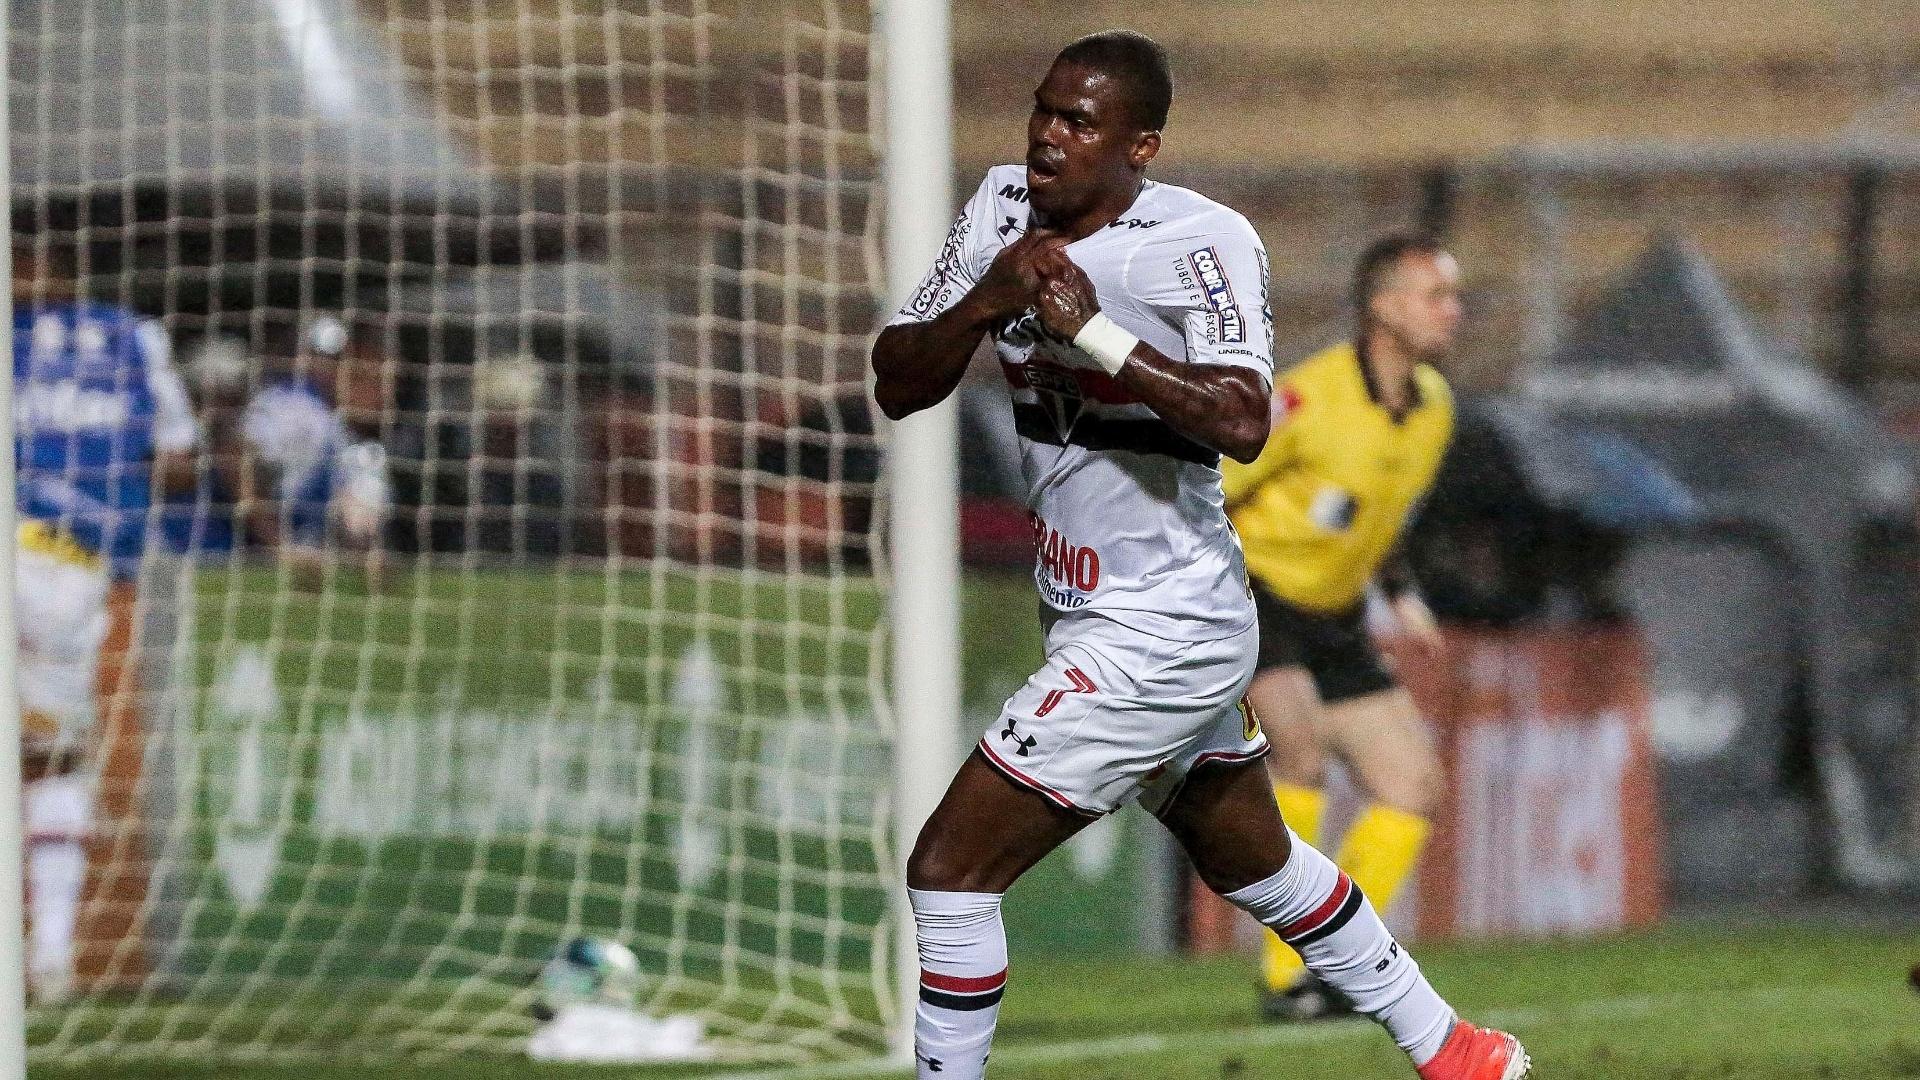 Maicosuel comemora o gol que deu a vitória ao São Paulo sobre o Atlético-PR